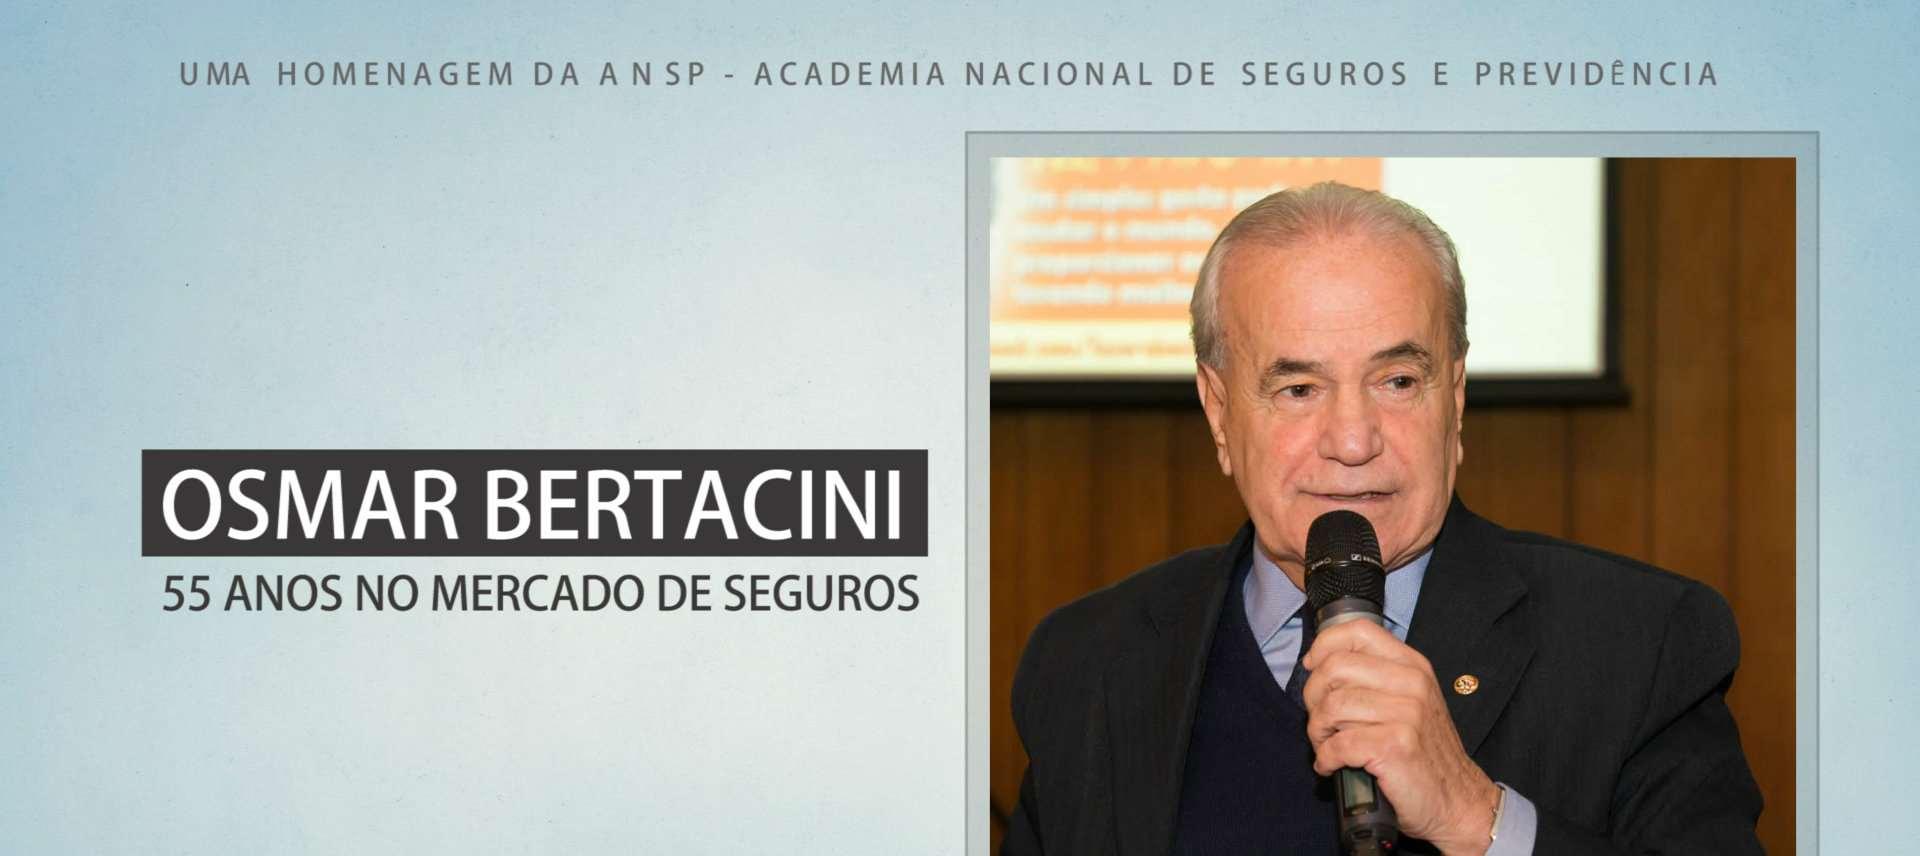 ANSP homenageia Osmar Bertacini